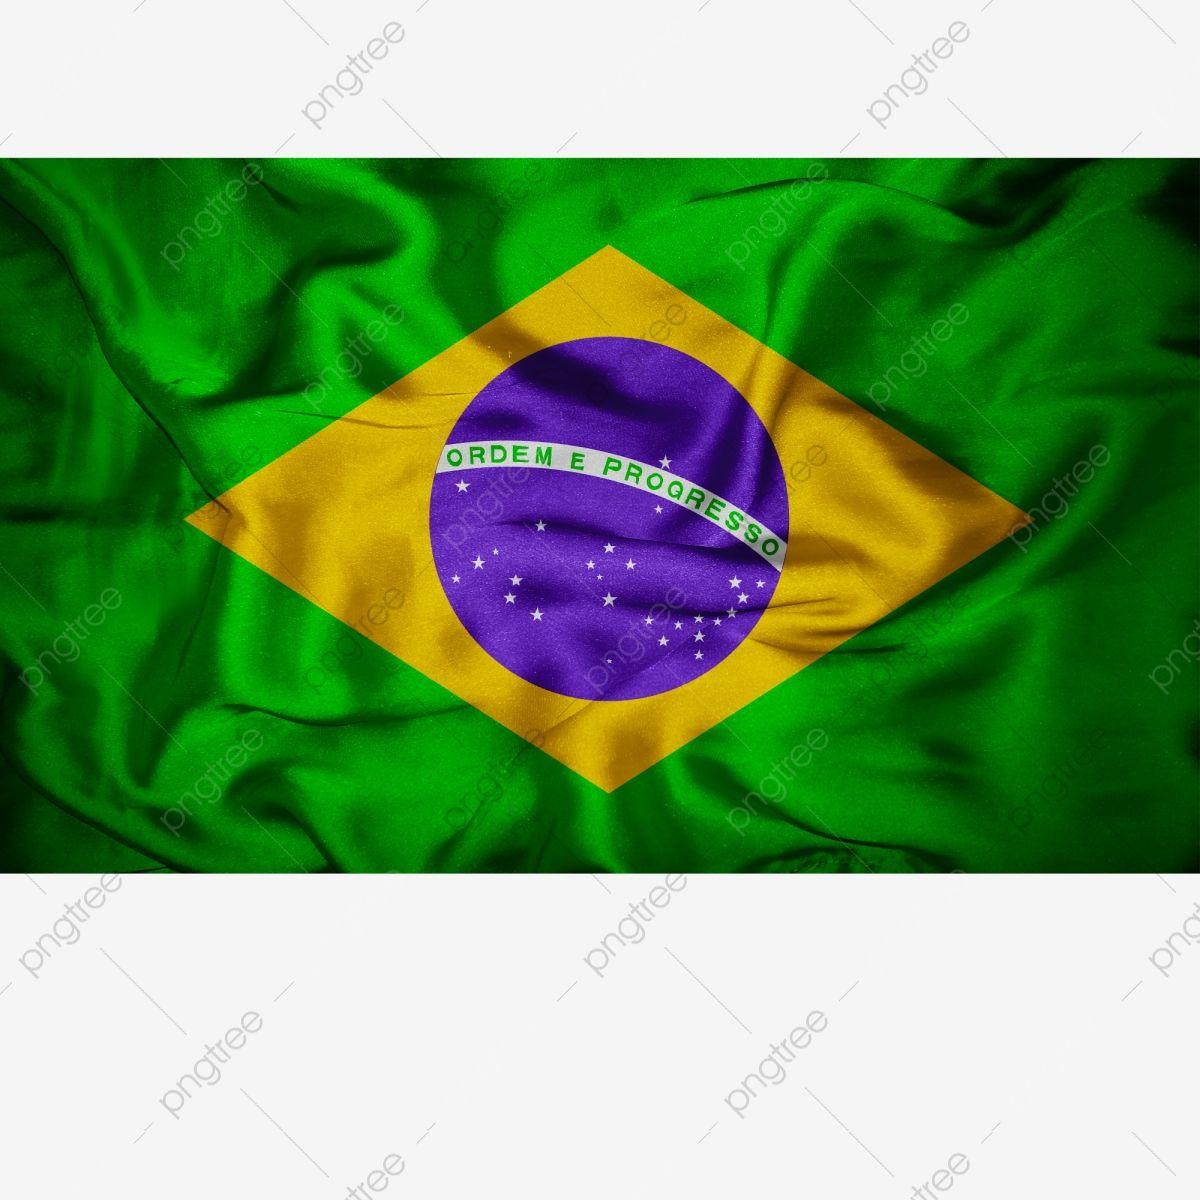 Bandeira Do Brasil Transparente Com Tecido Brasil Brasil Bandeira Vetor Bandeira Do Brasil Imagem Png E Psd Para Download Gratuito Brazil Flag Flag Vector Flag